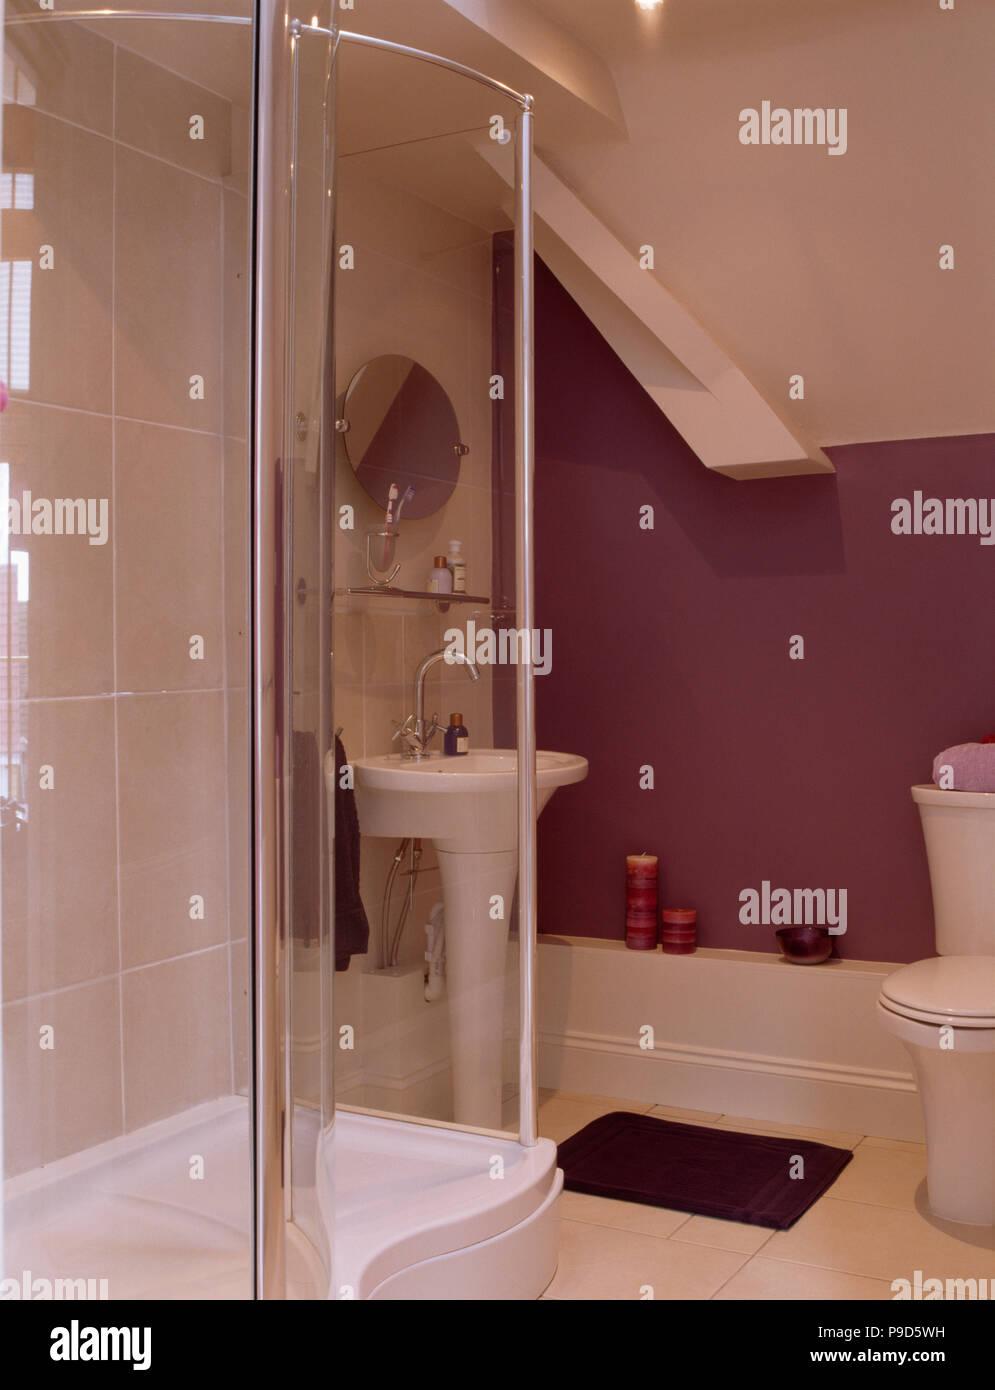 Bathroom Shower Cubicle Stock Photos & Bathroom Shower Cubicle Stock ...